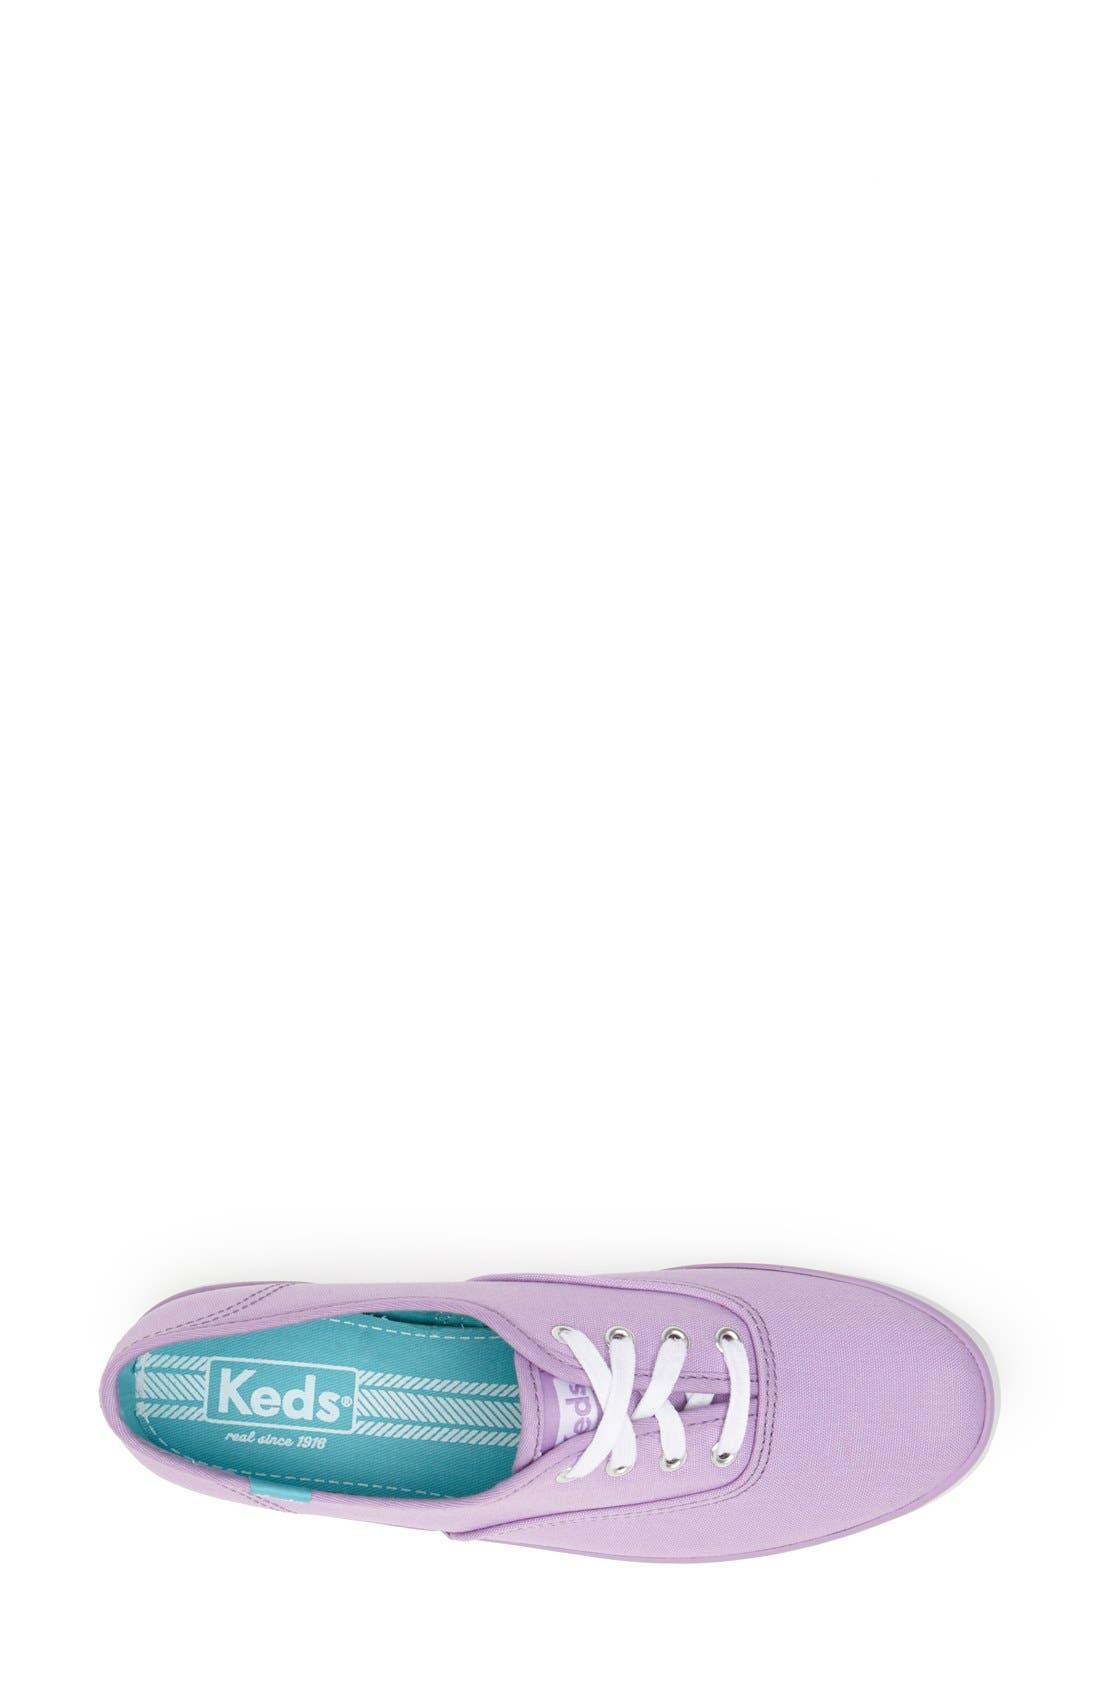 Alternate Image 3  - Keds® 'Champion' Sneaker (Women)